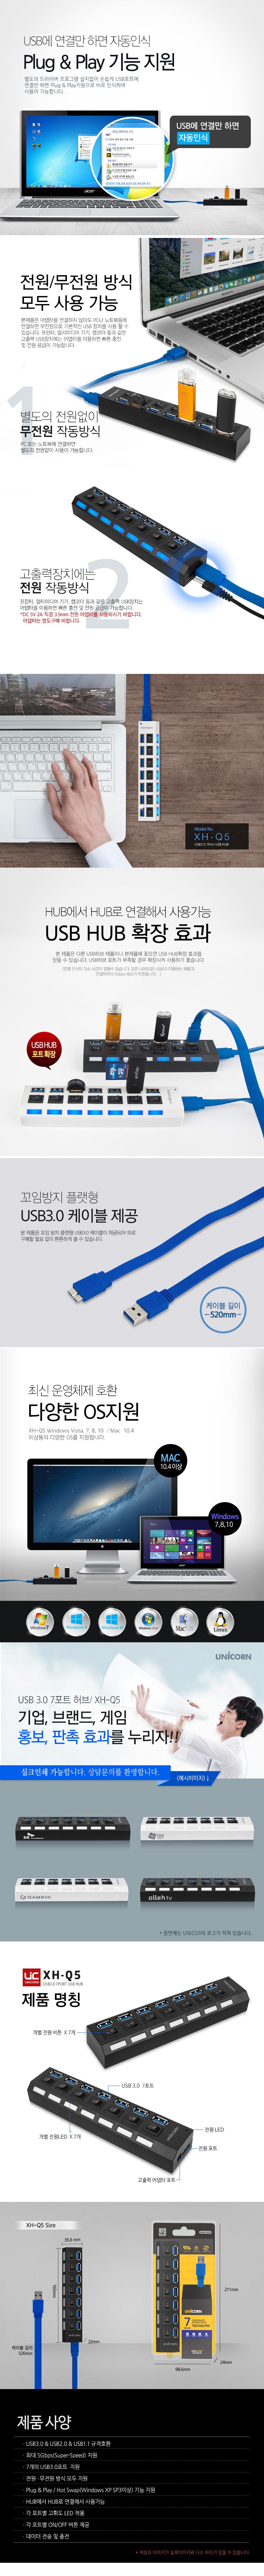 서진네트웍스 UNICORN 7포트 USB 3.0 허브 (XH-Q5)